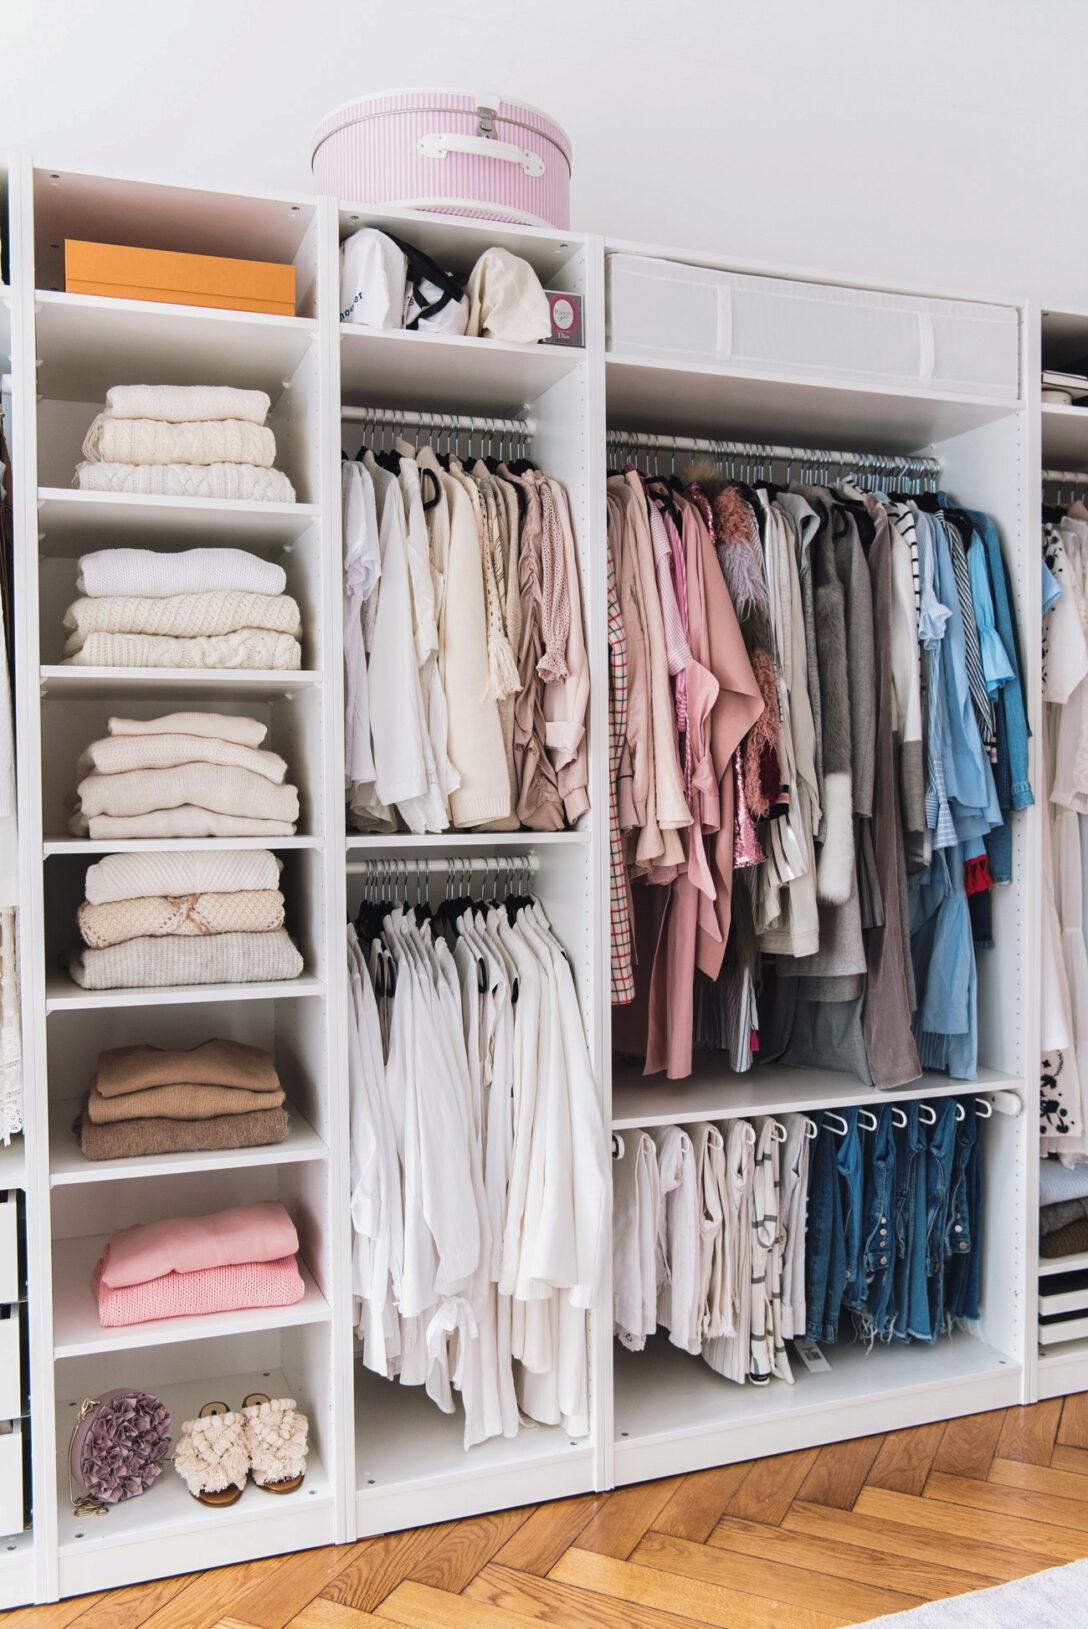 Large Size of Schrank Dachschräge Hinten Ikea 8 Tipps Kleiderschrank Organisieren Und Aufrumen Küche Eckschrank Wohnzimmer Schrankwand Hängeschrank Weiß Hochglanz Bad Wohnzimmer Schrank Dachschräge Hinten Ikea